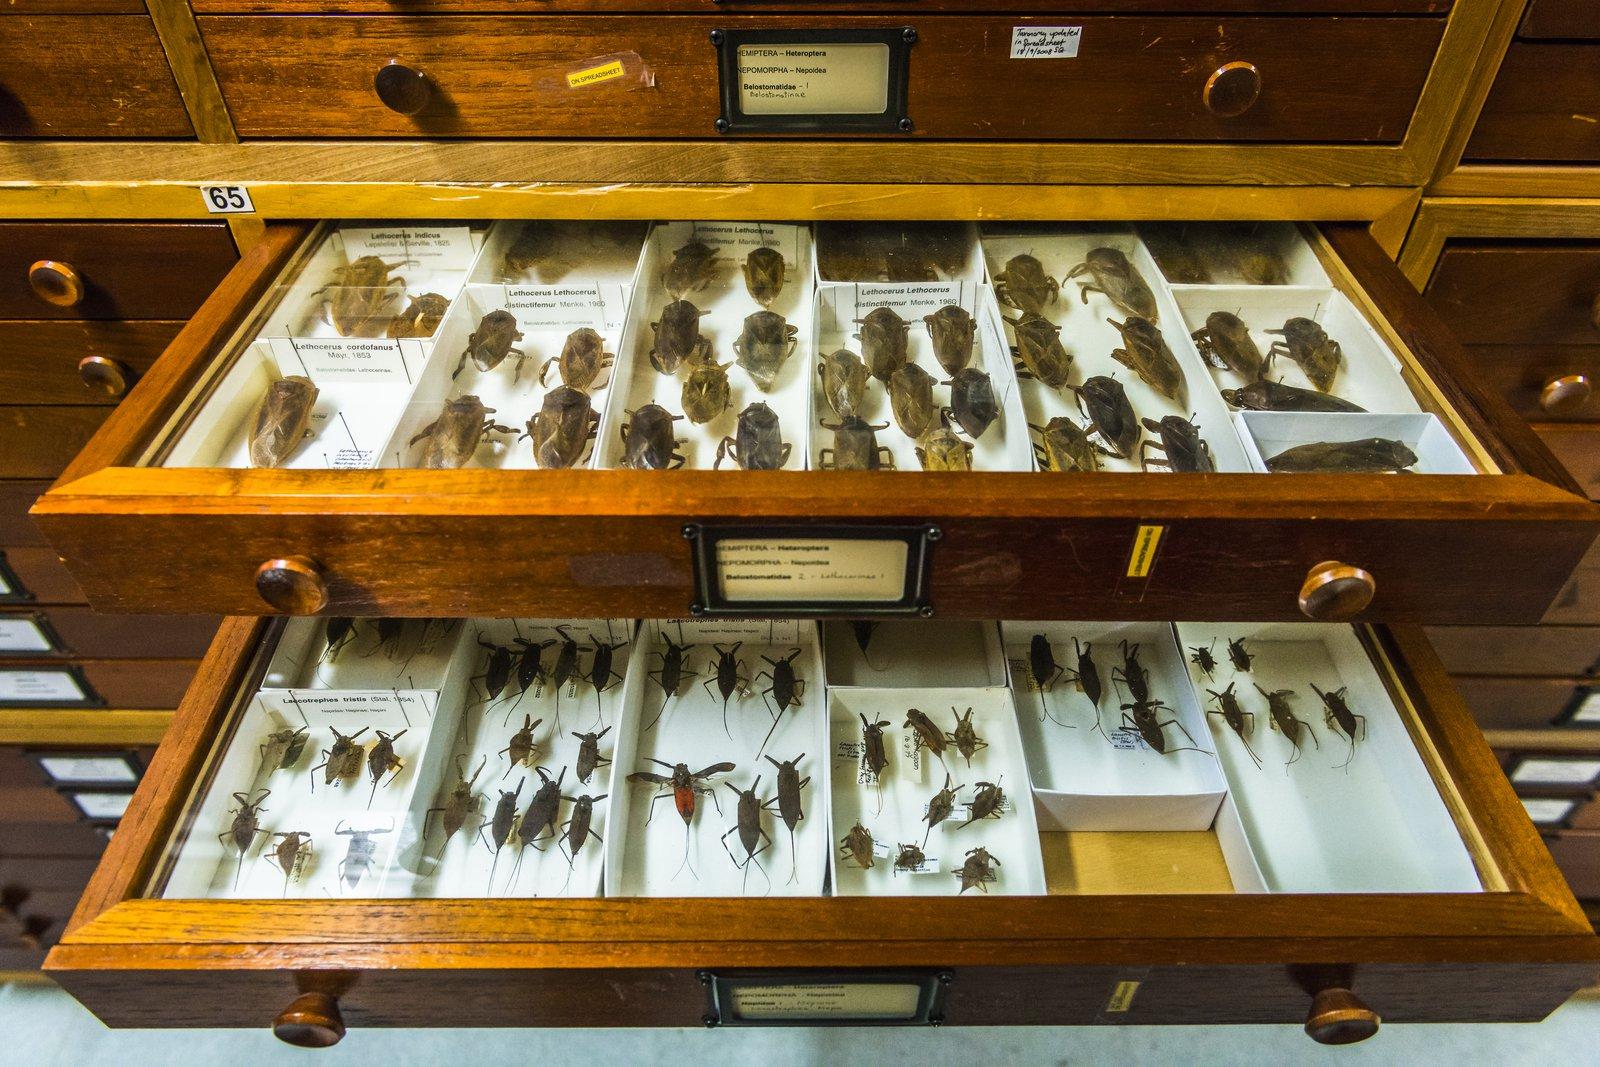 Entomology Collection Area